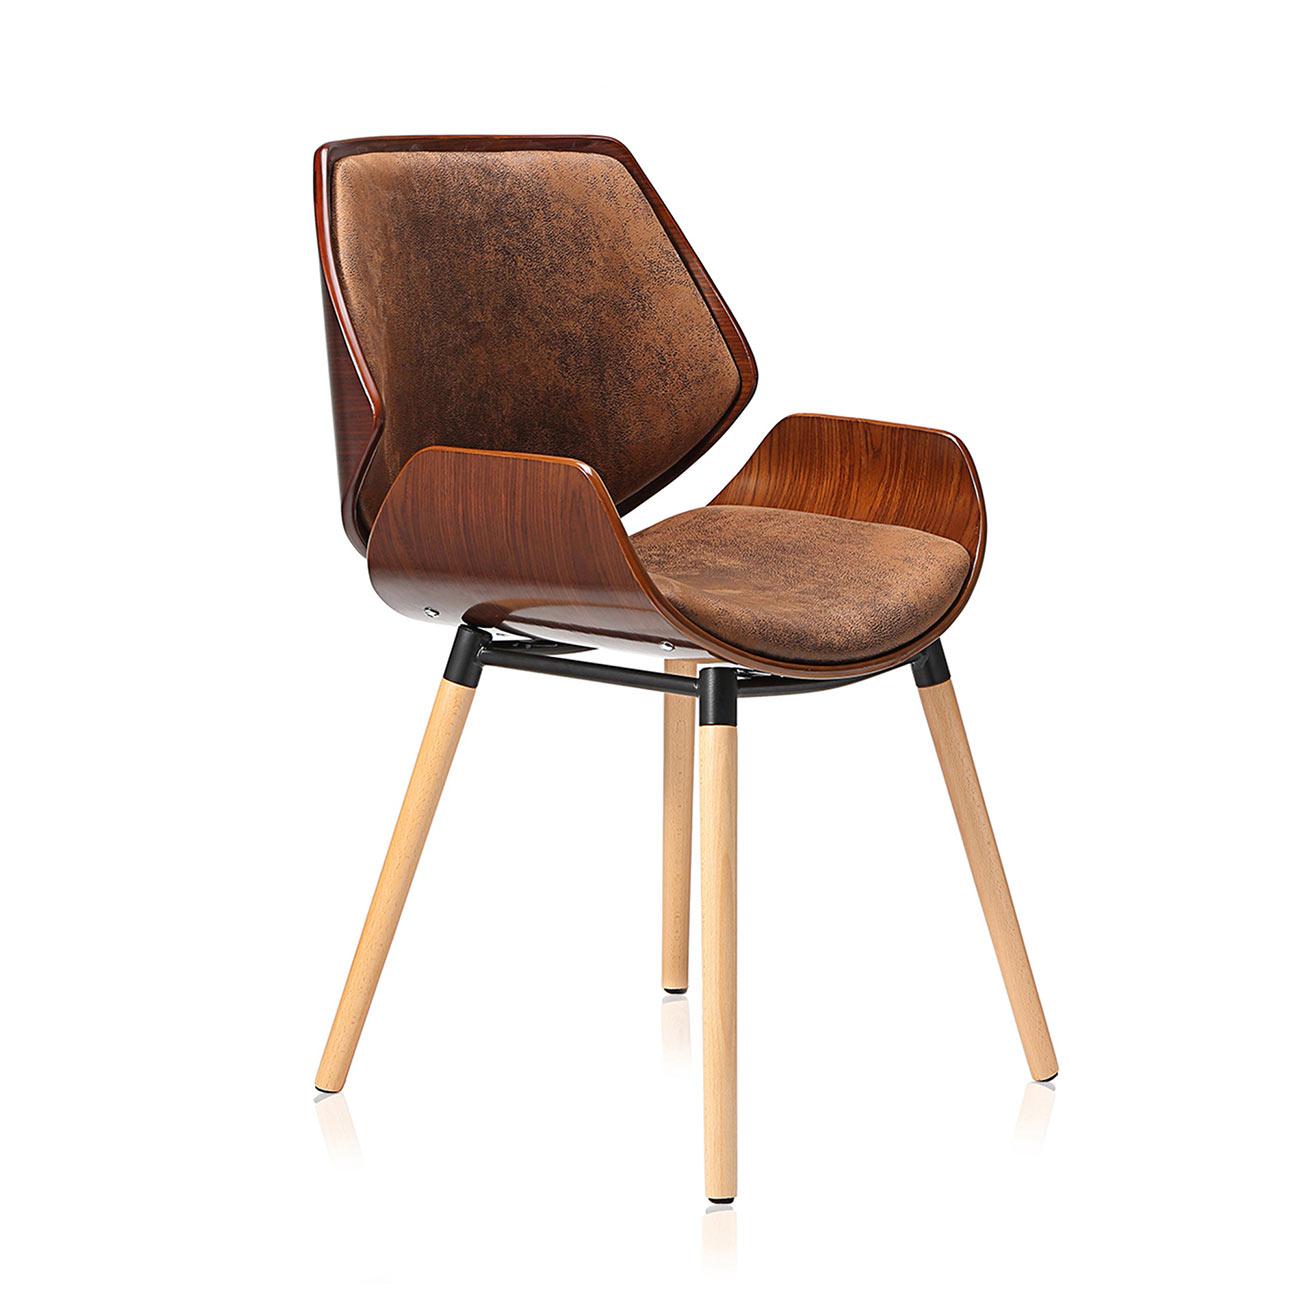 Design stuhl retro b ro hocker esszimmerstuhl vintage - Stuhle retro design ...